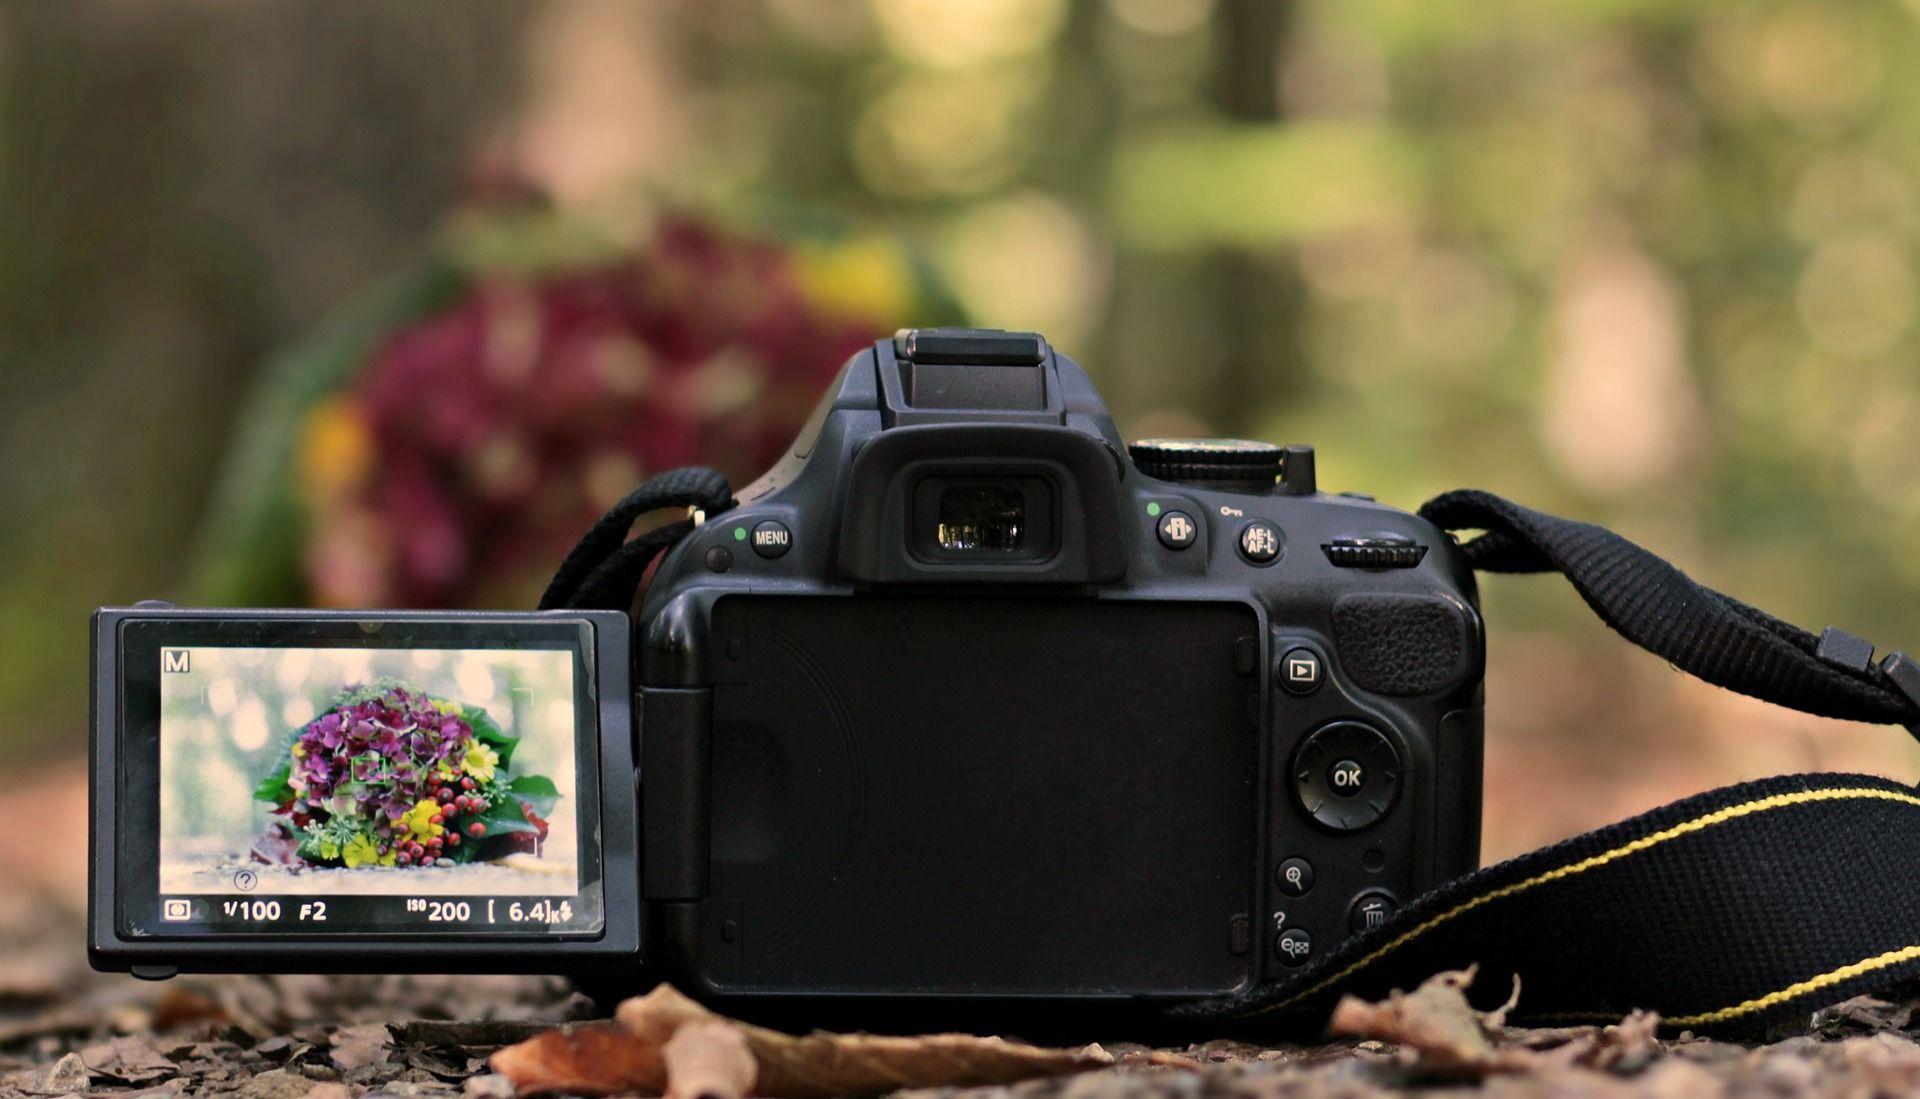 Digitalkamera aufgeklappt mit Motiv